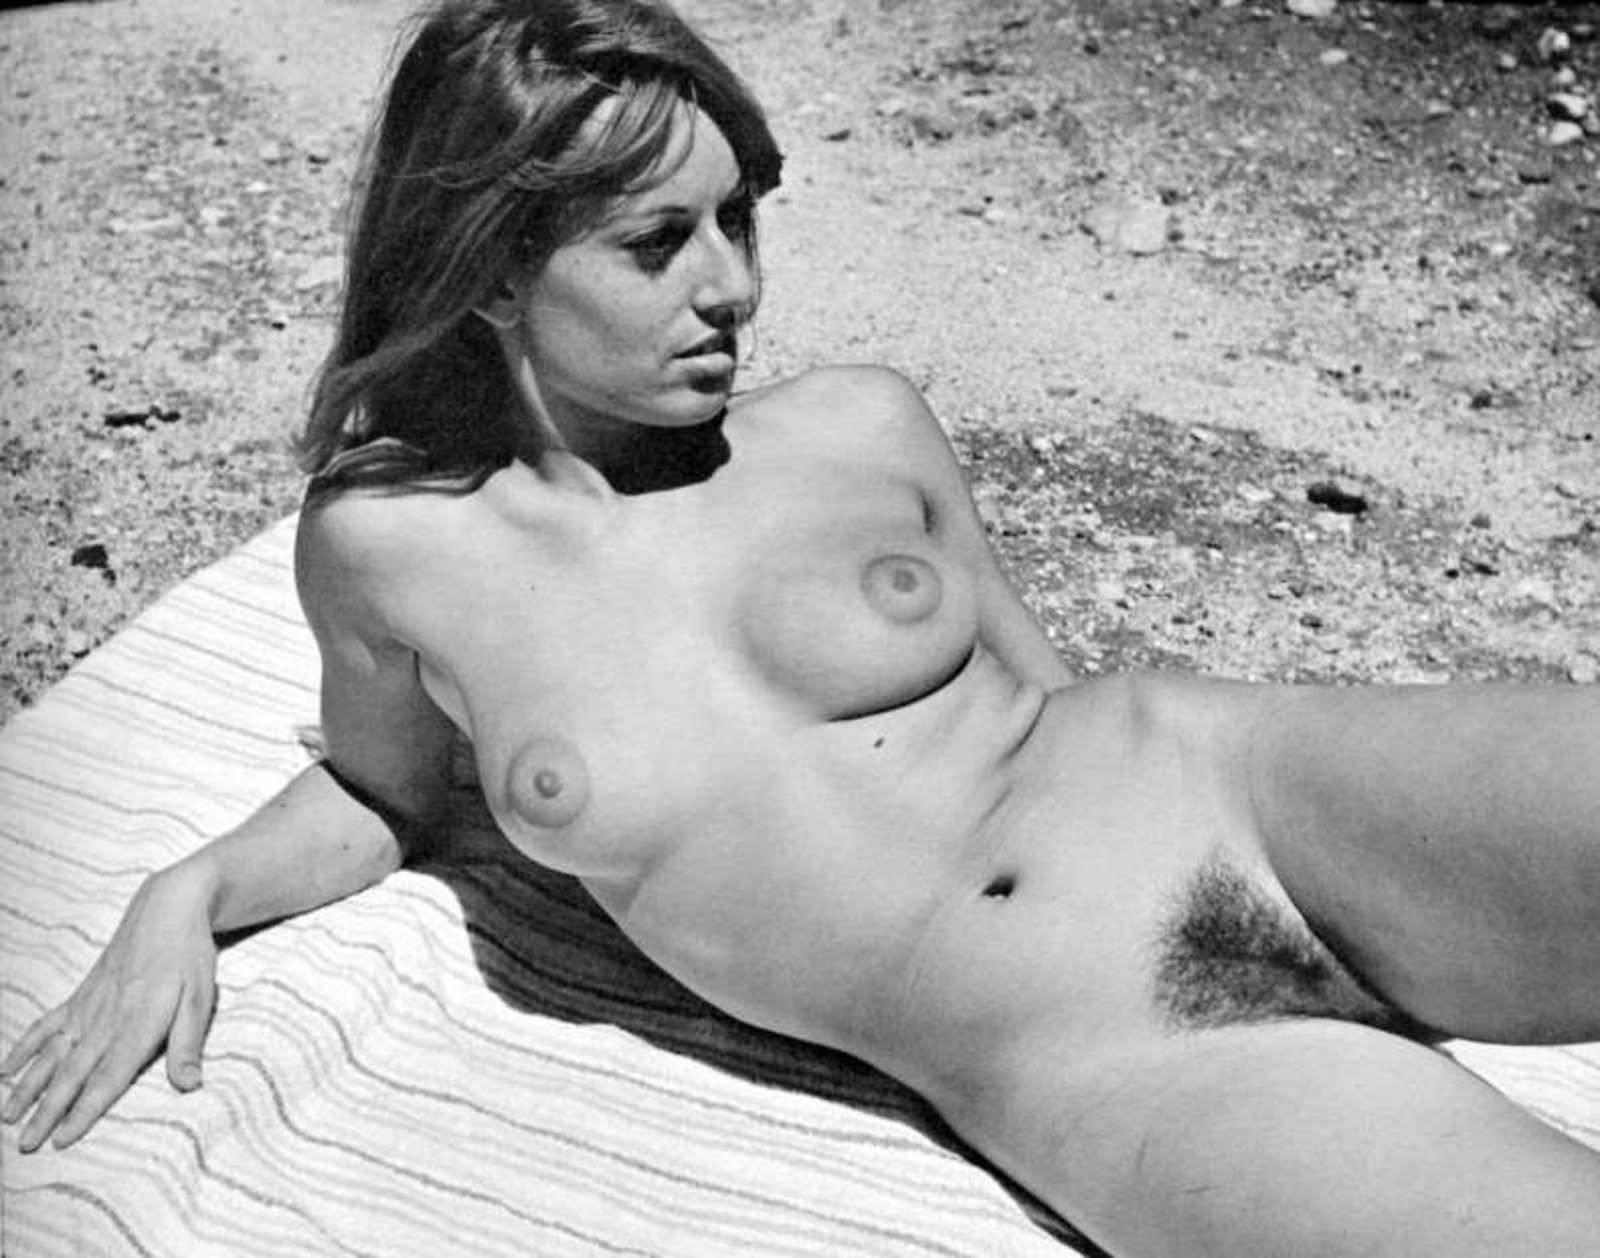 Шестидесятые годы порно, Ретро порно. Винтажная эротика. Волосатые киски из 6 фотография